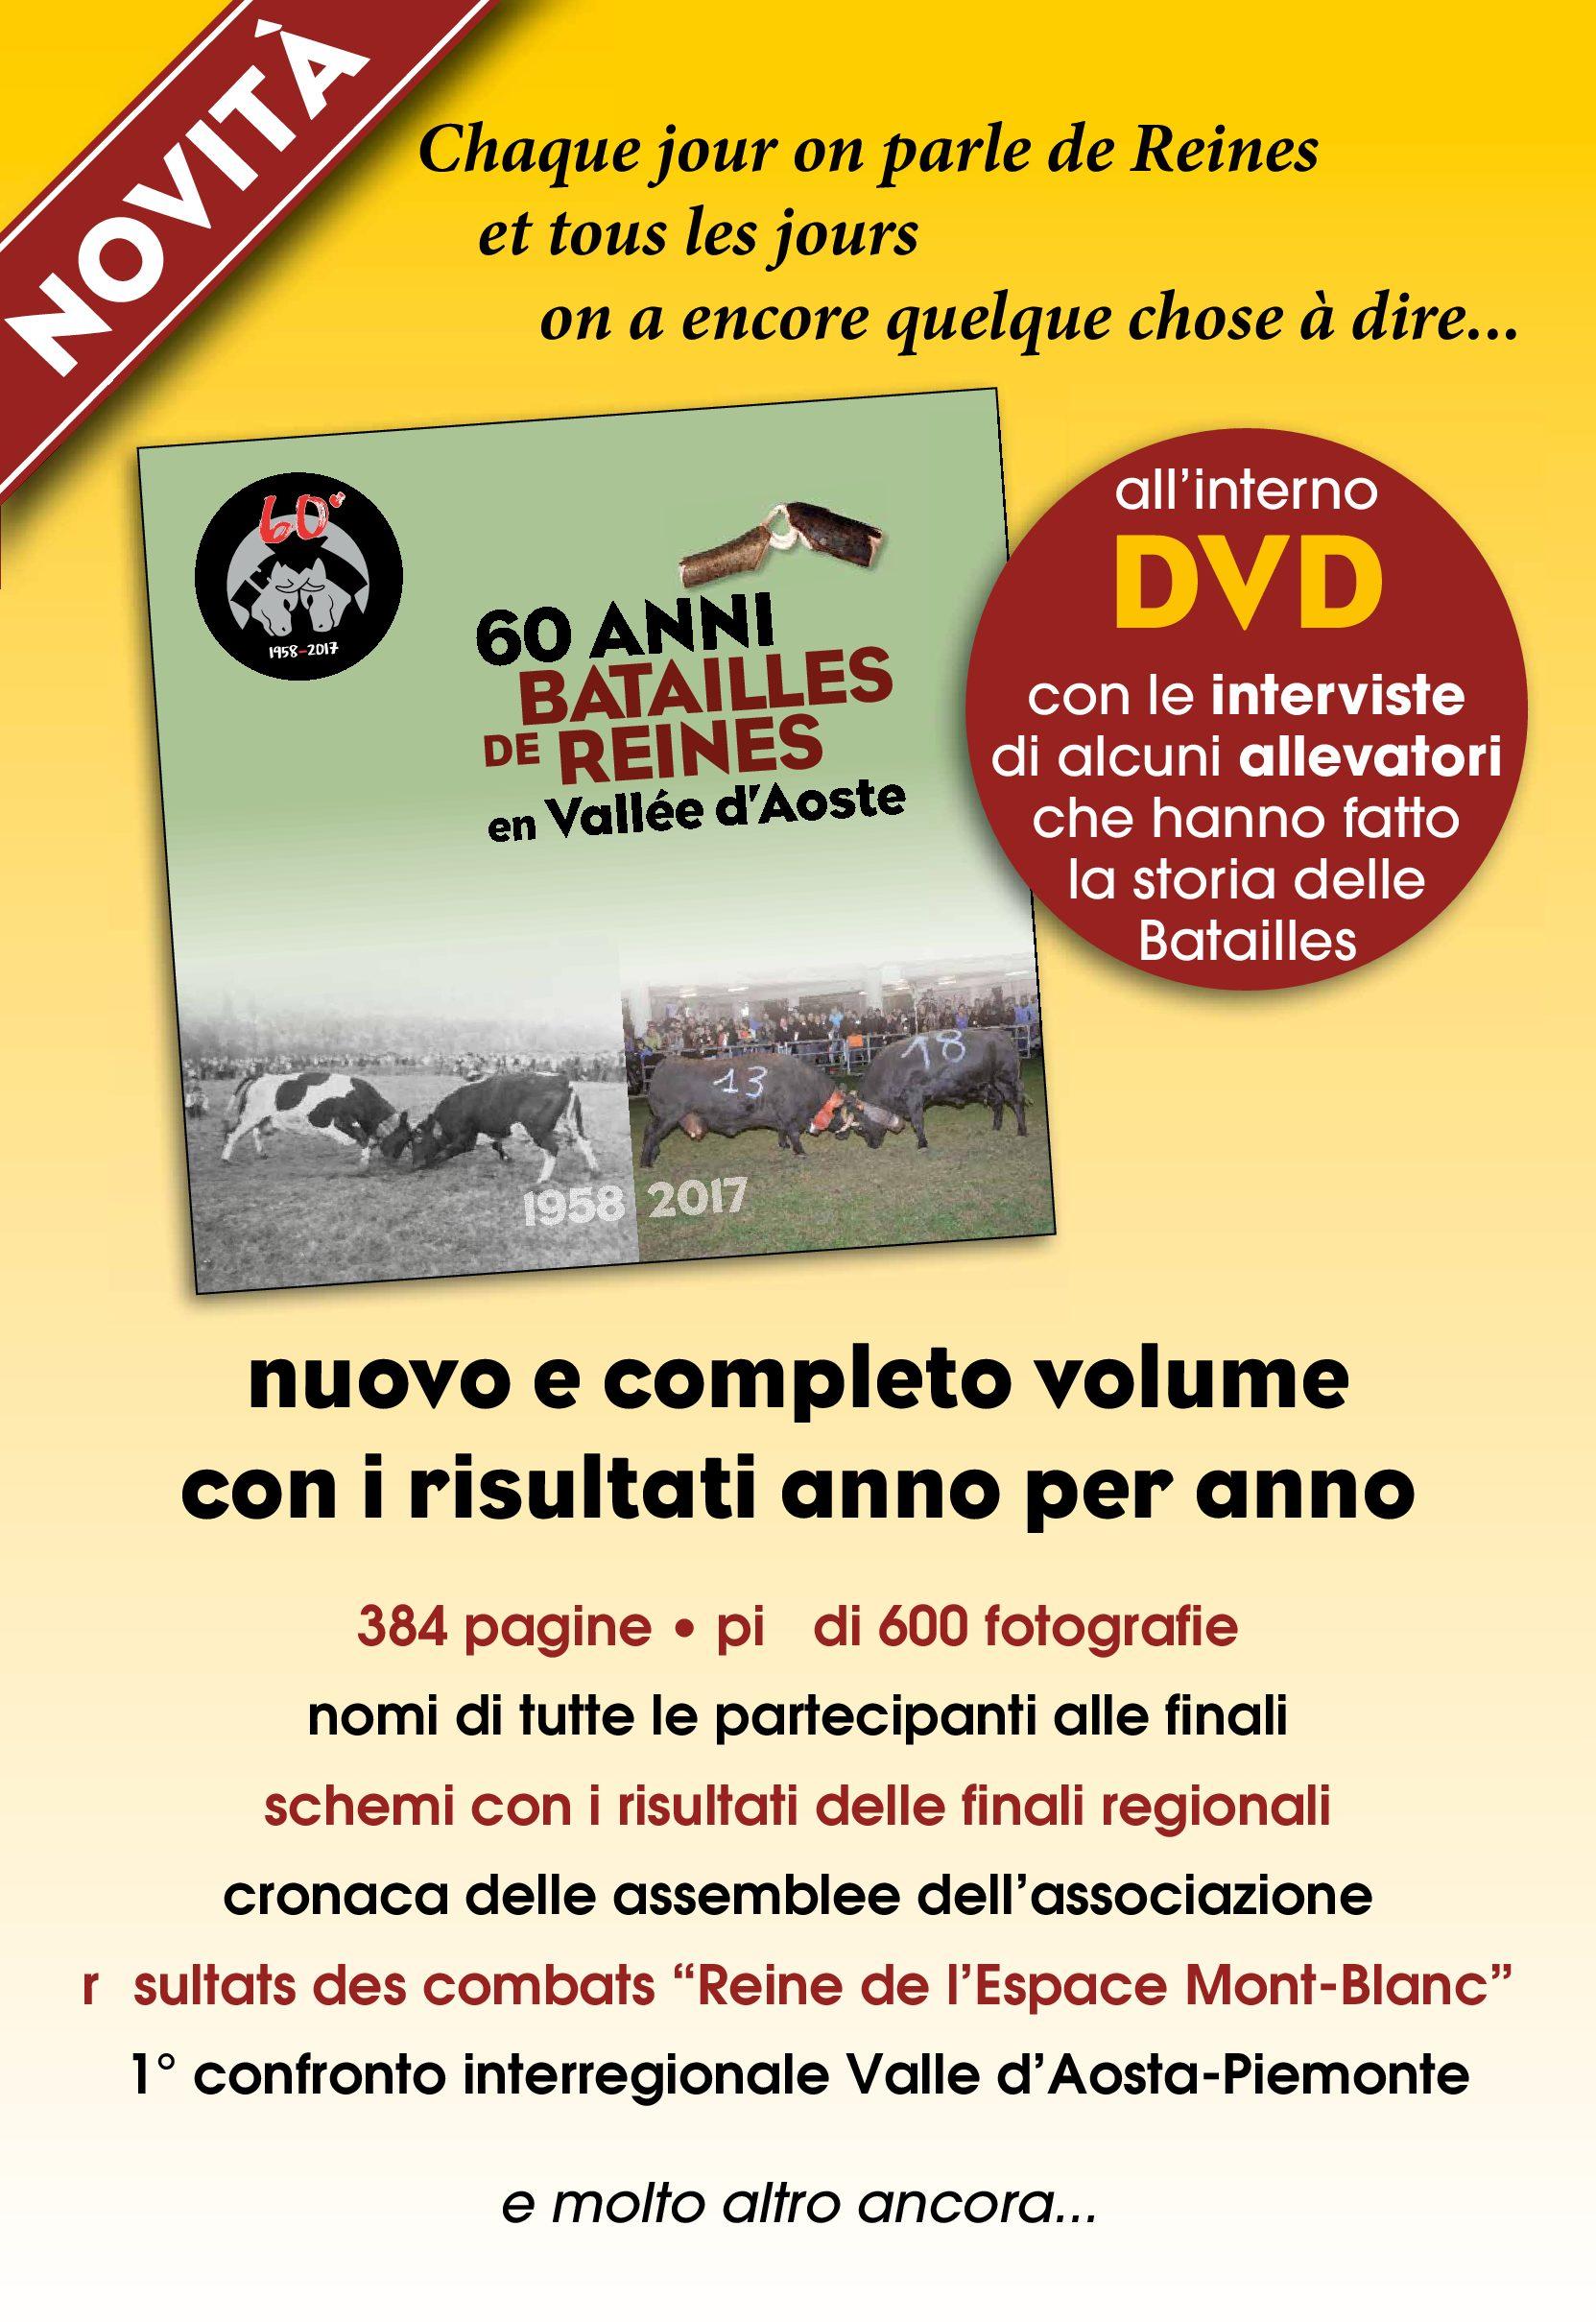 In vendita il LIBRO 60 ANNI DI BATAILLES DE REINES